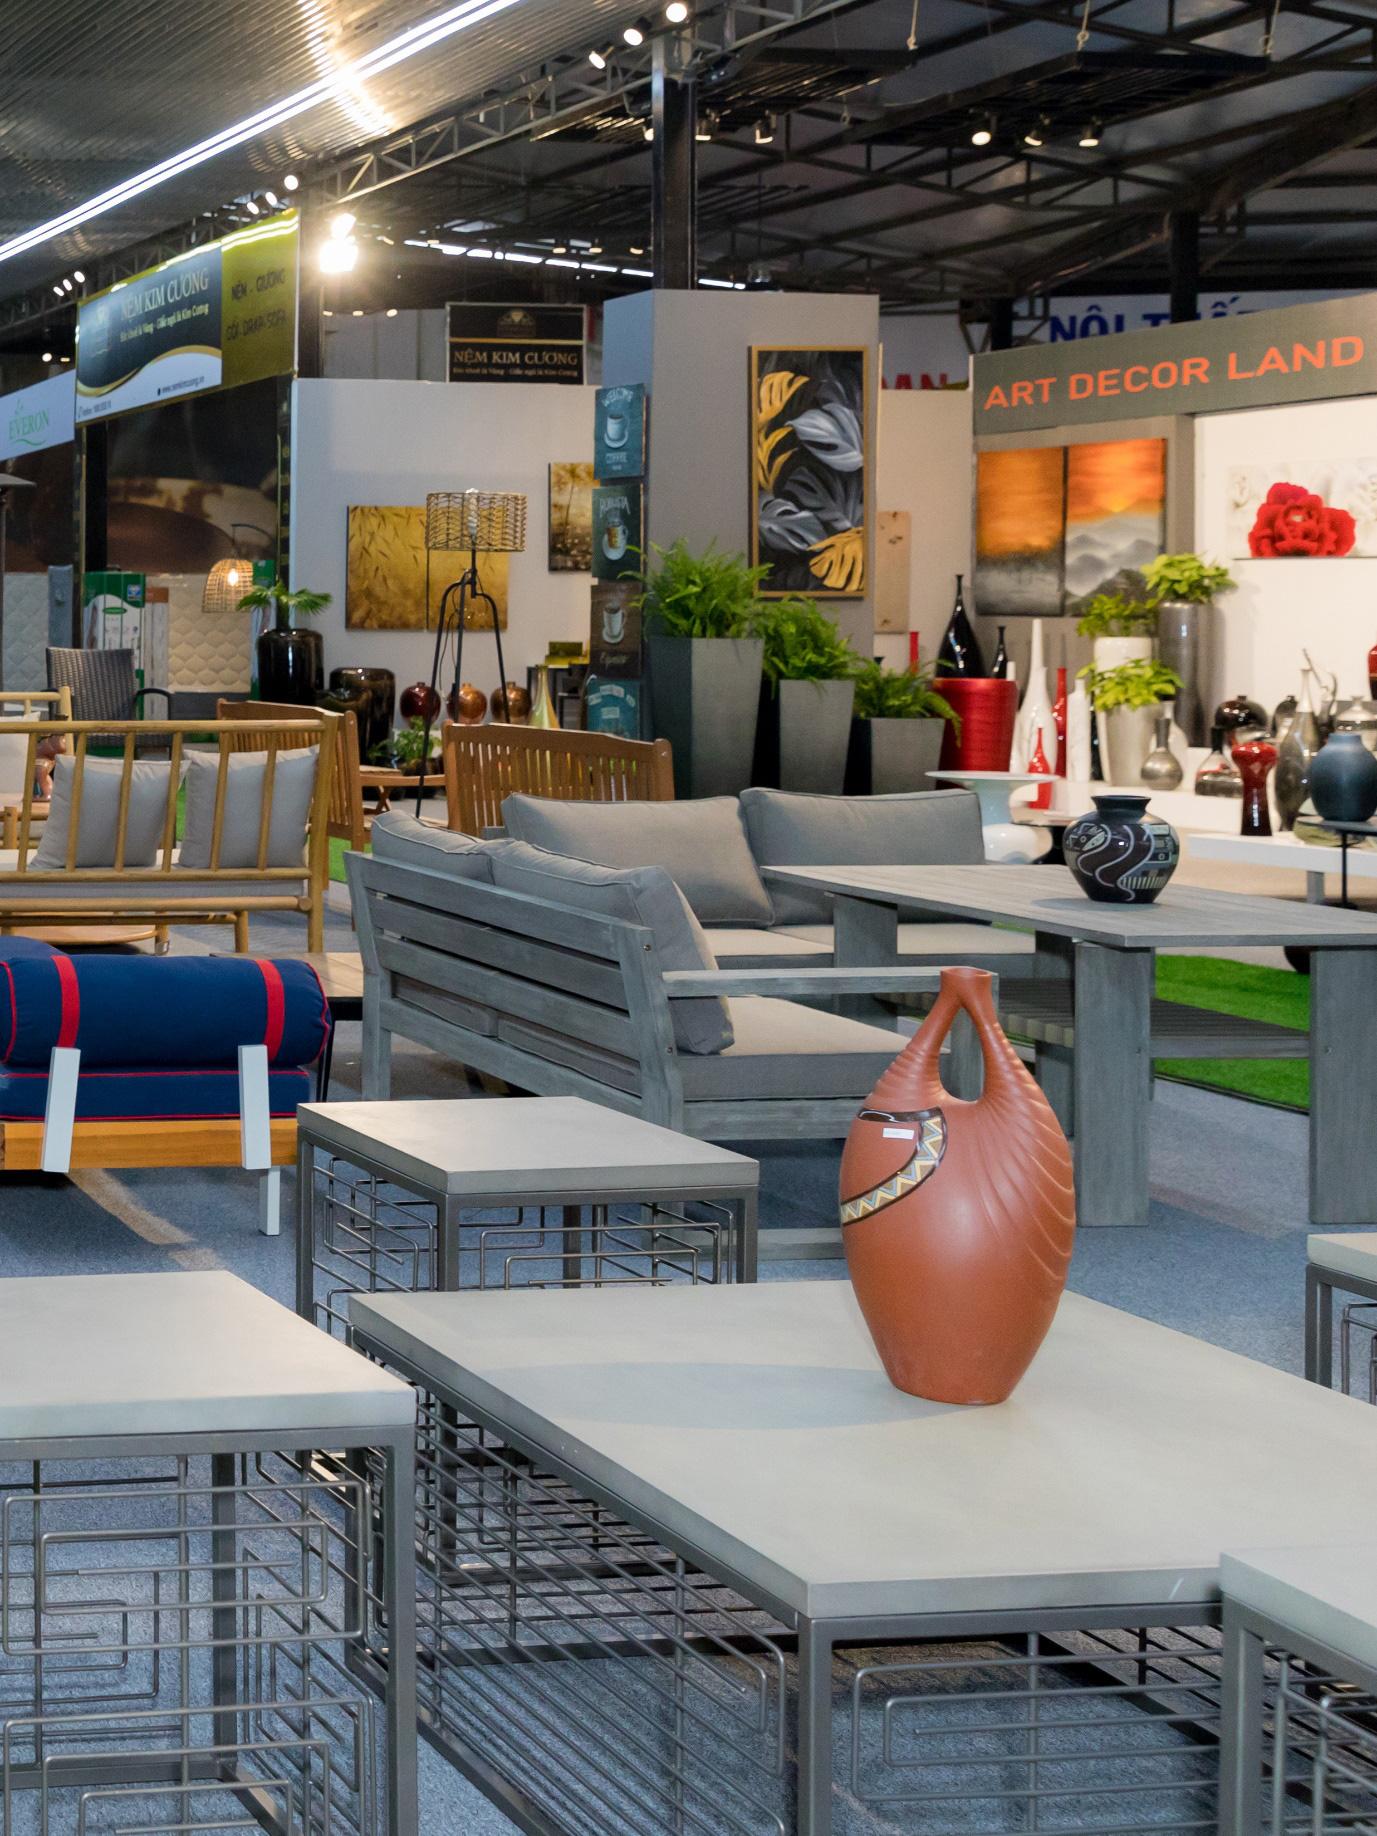 Made4Home Garden Center Bình Dương: Điểm đến mới lí tưởng cho cả gia đình vui chơi và mua sắm - Ảnh 3.